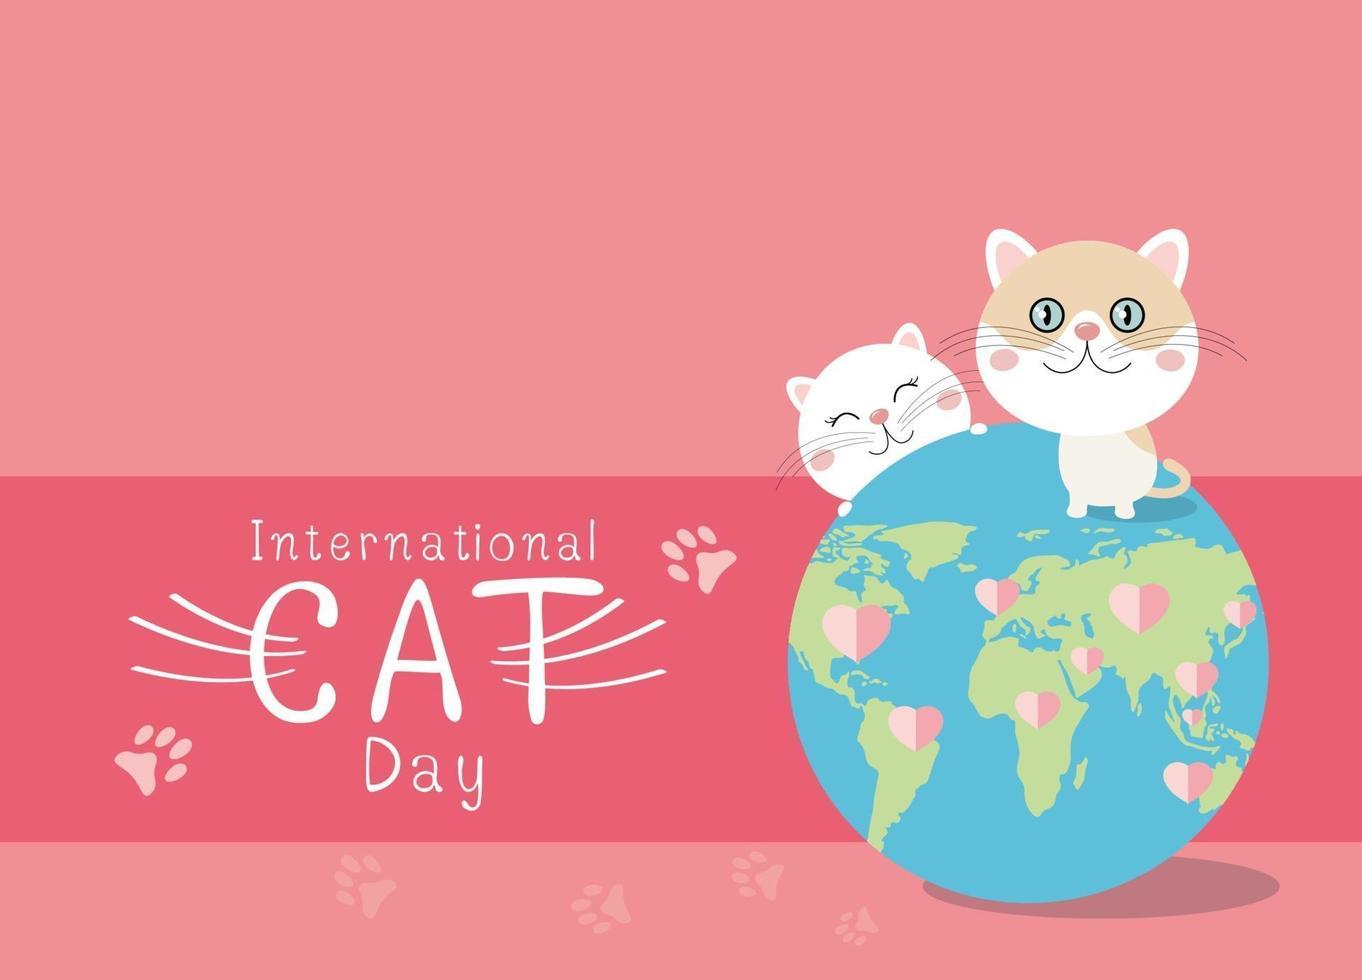 Diseño del día internacional del gato sobre fondo rosa ilustración vectorial vector